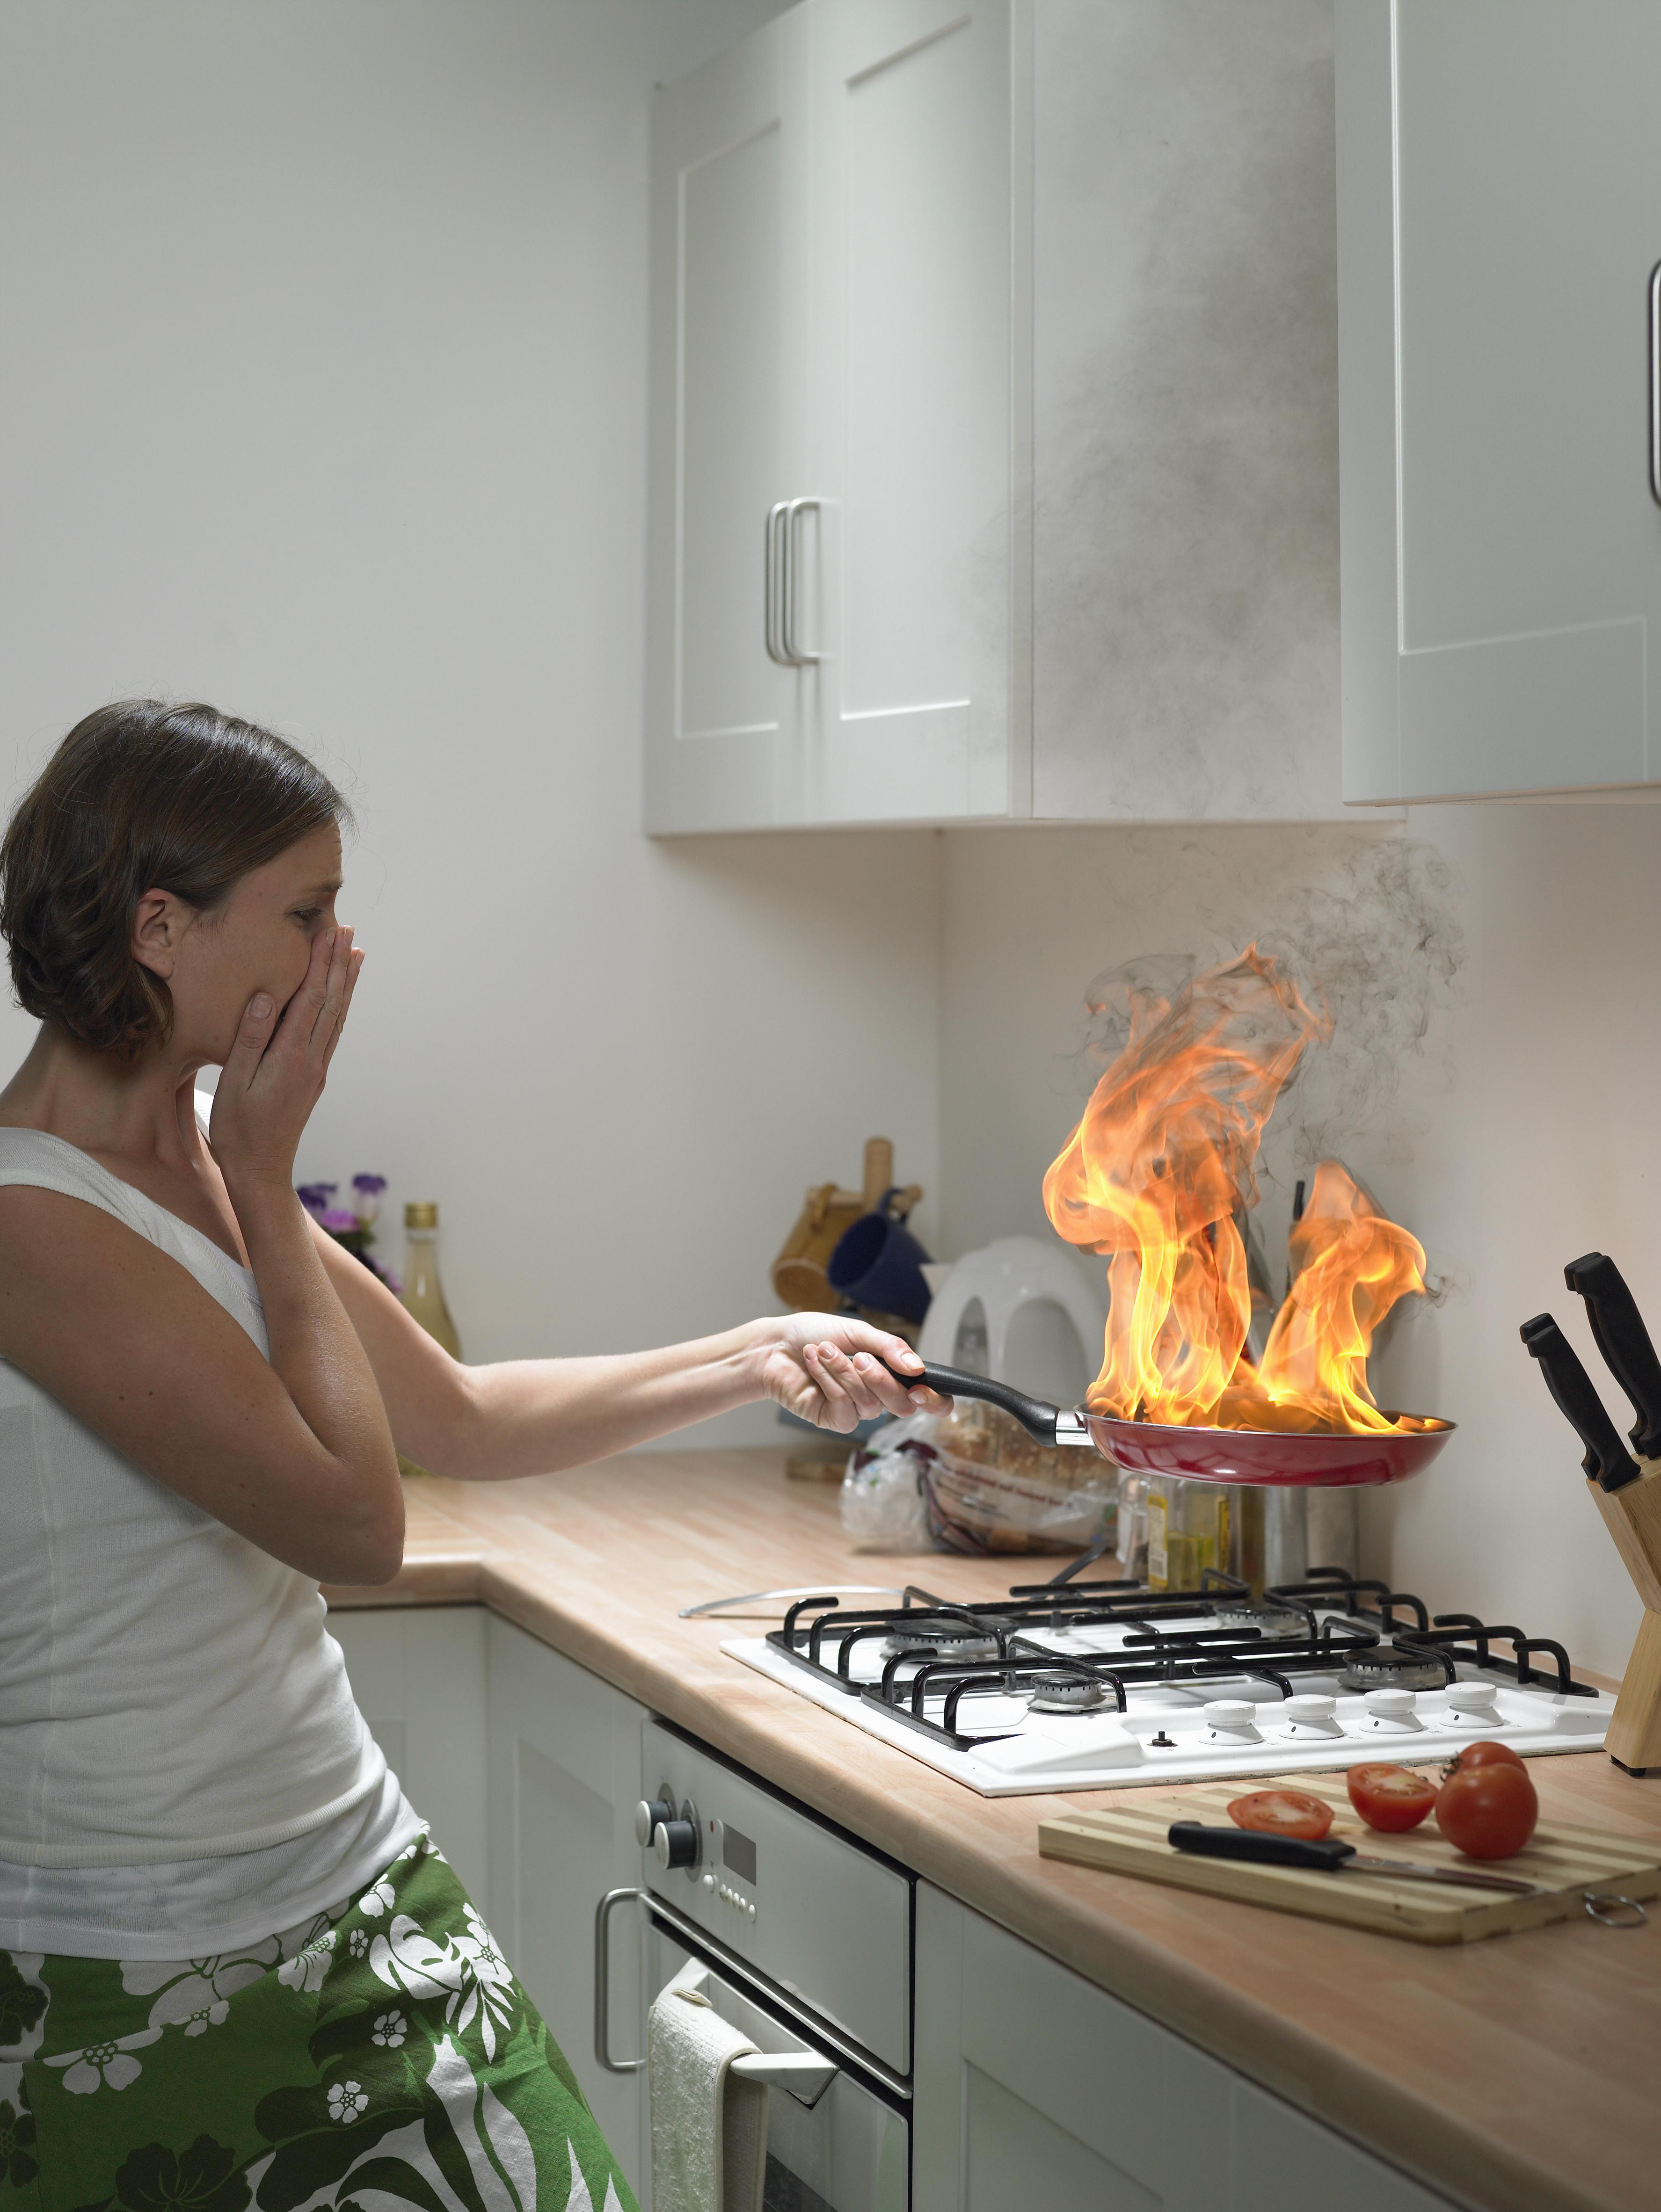 Смешная картинка женщина у плиты